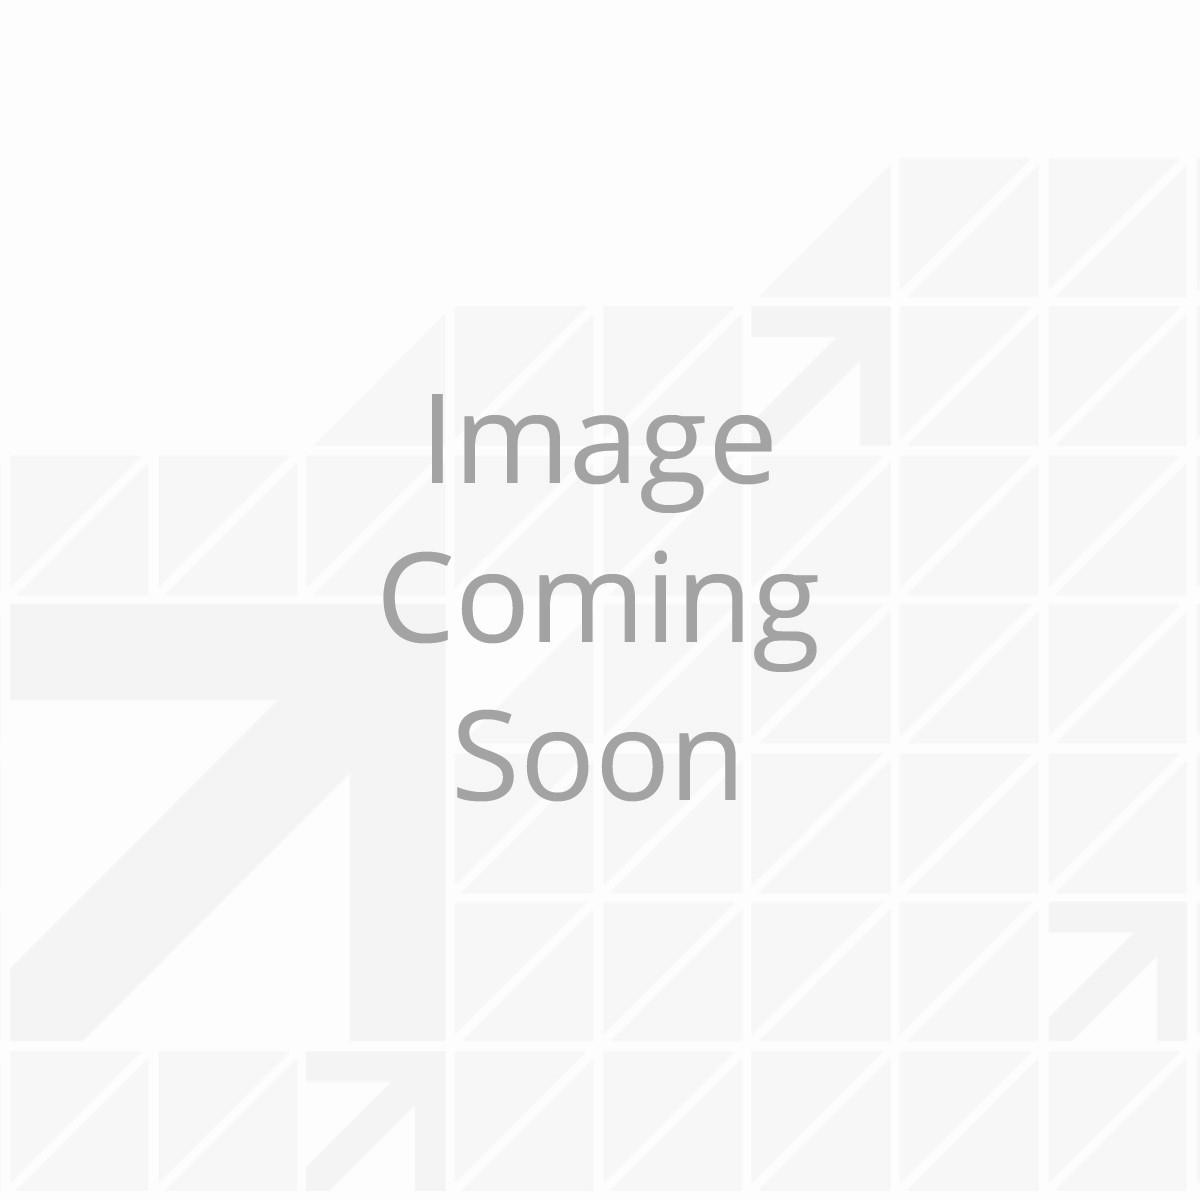 Bearing Replacement Kit - 5,200 lbs.